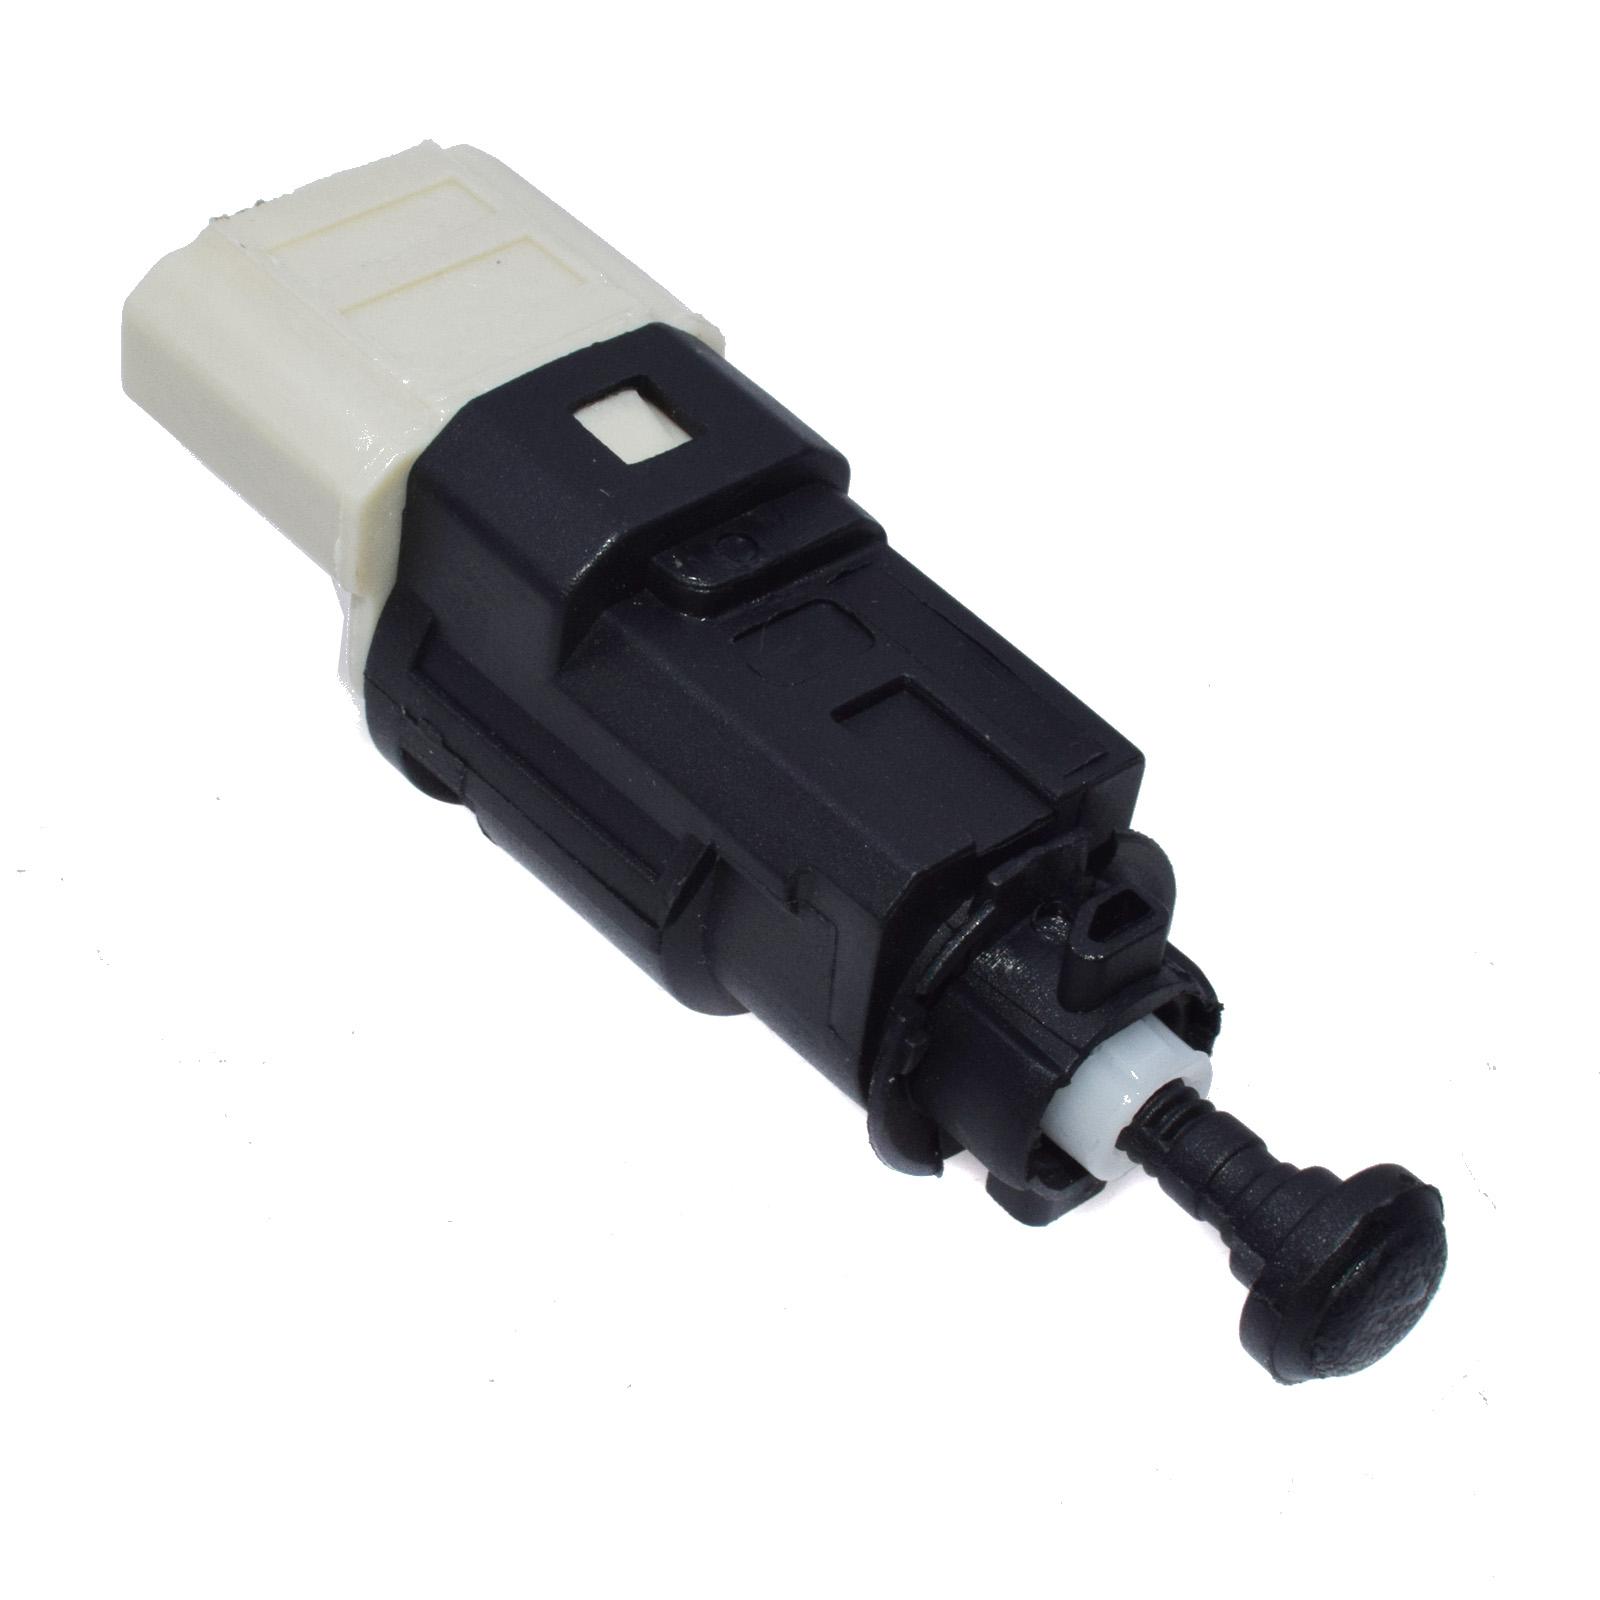 Peugeot 307 1.6 16V 4 Pin White Housing Genuine Lemark Brake Light Switch